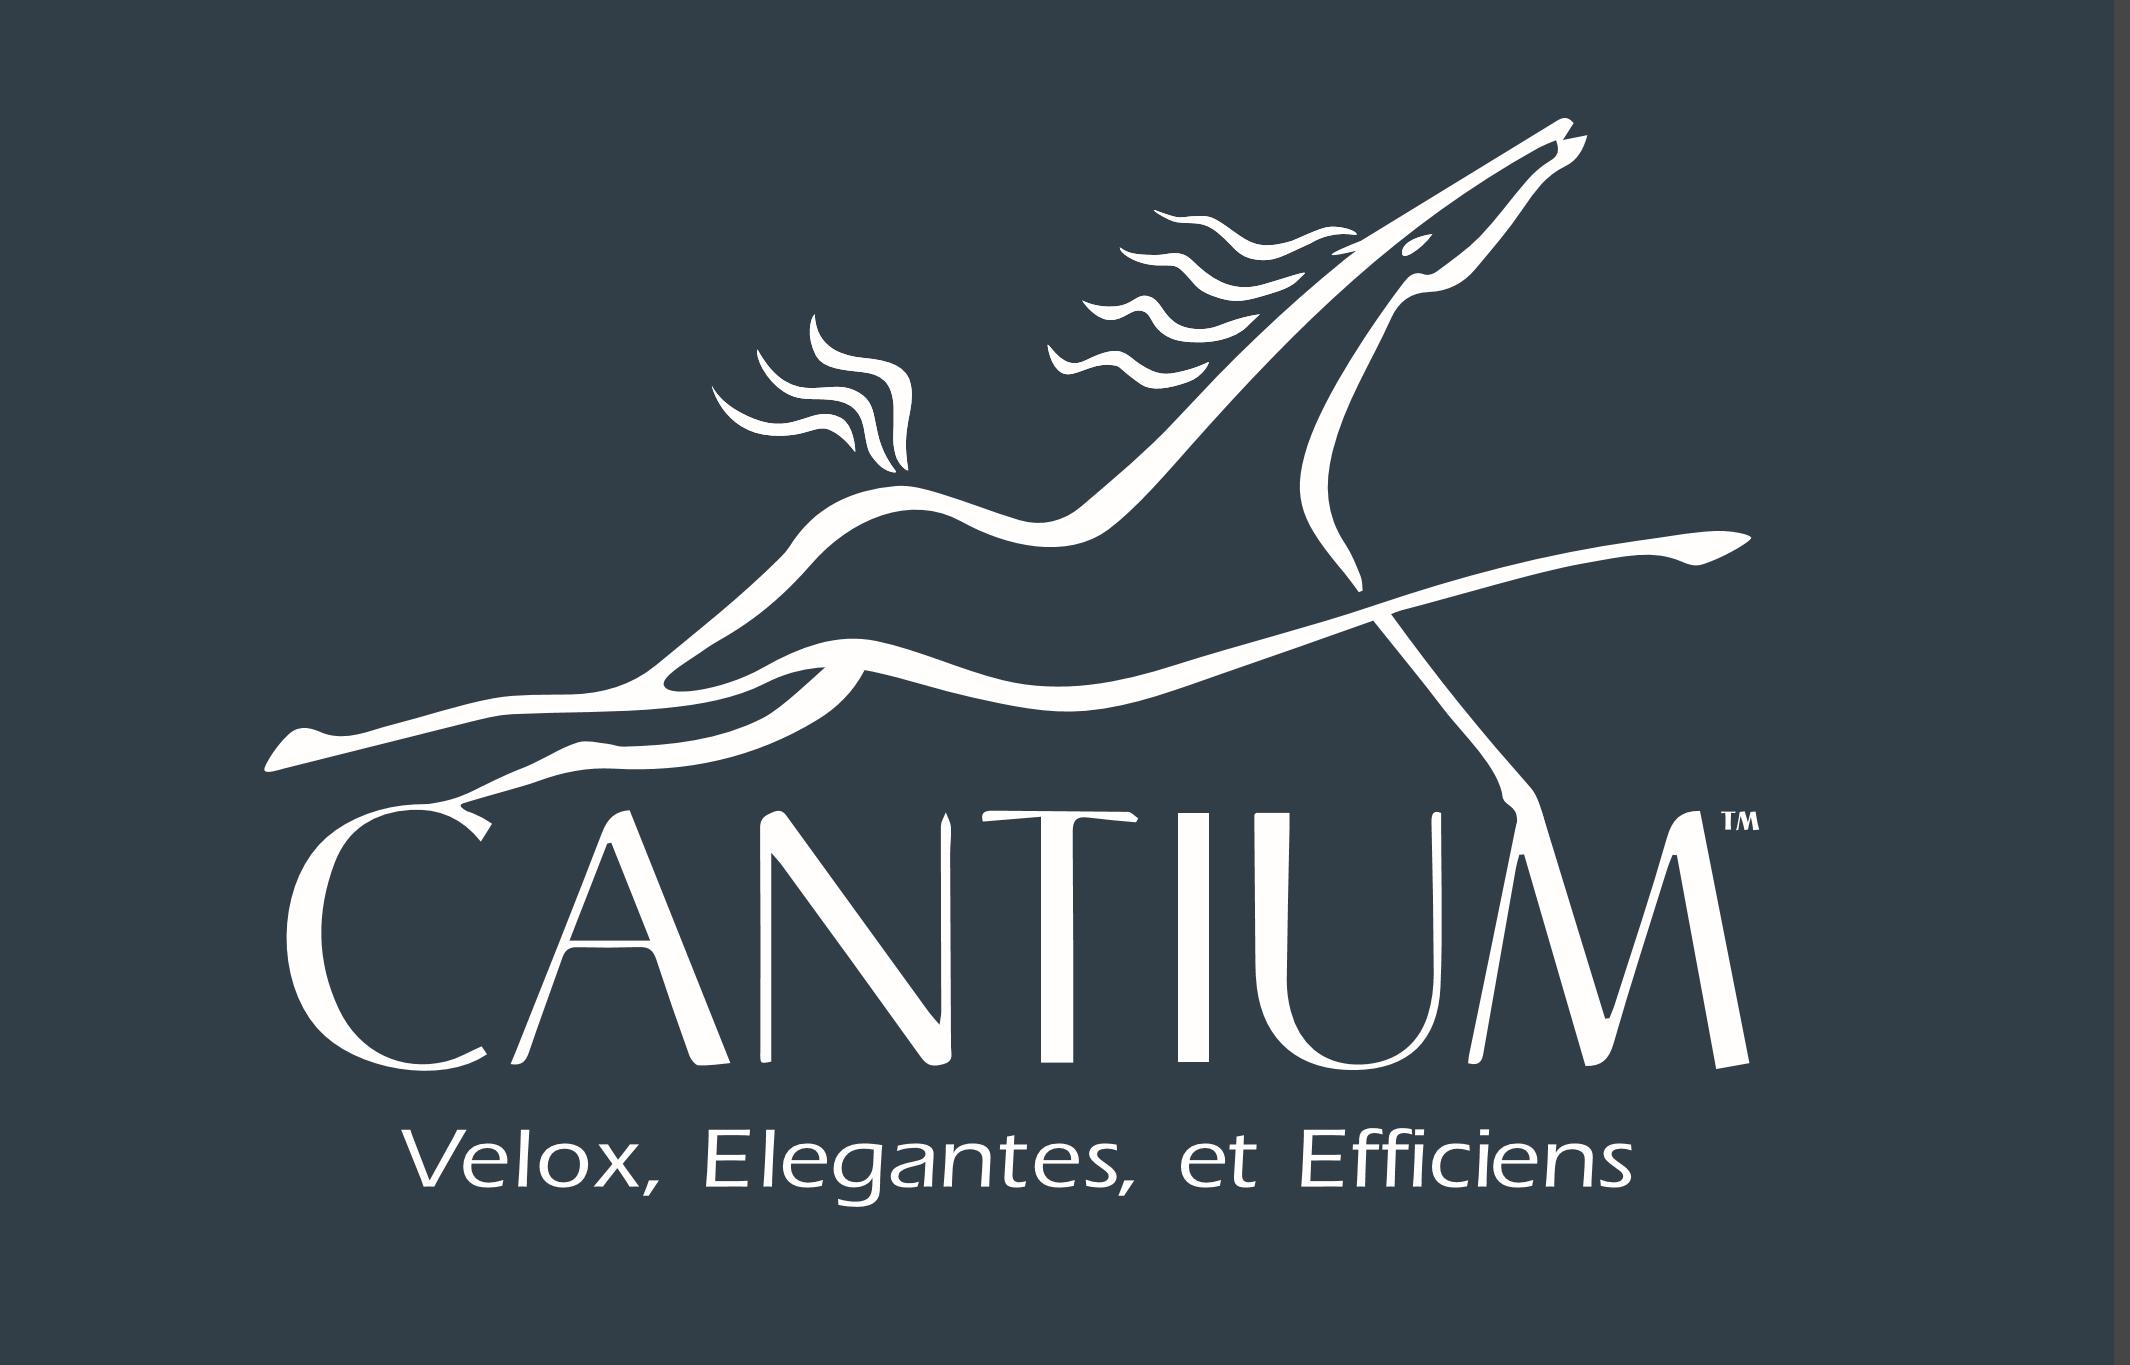 OPEX Customer - Cantium